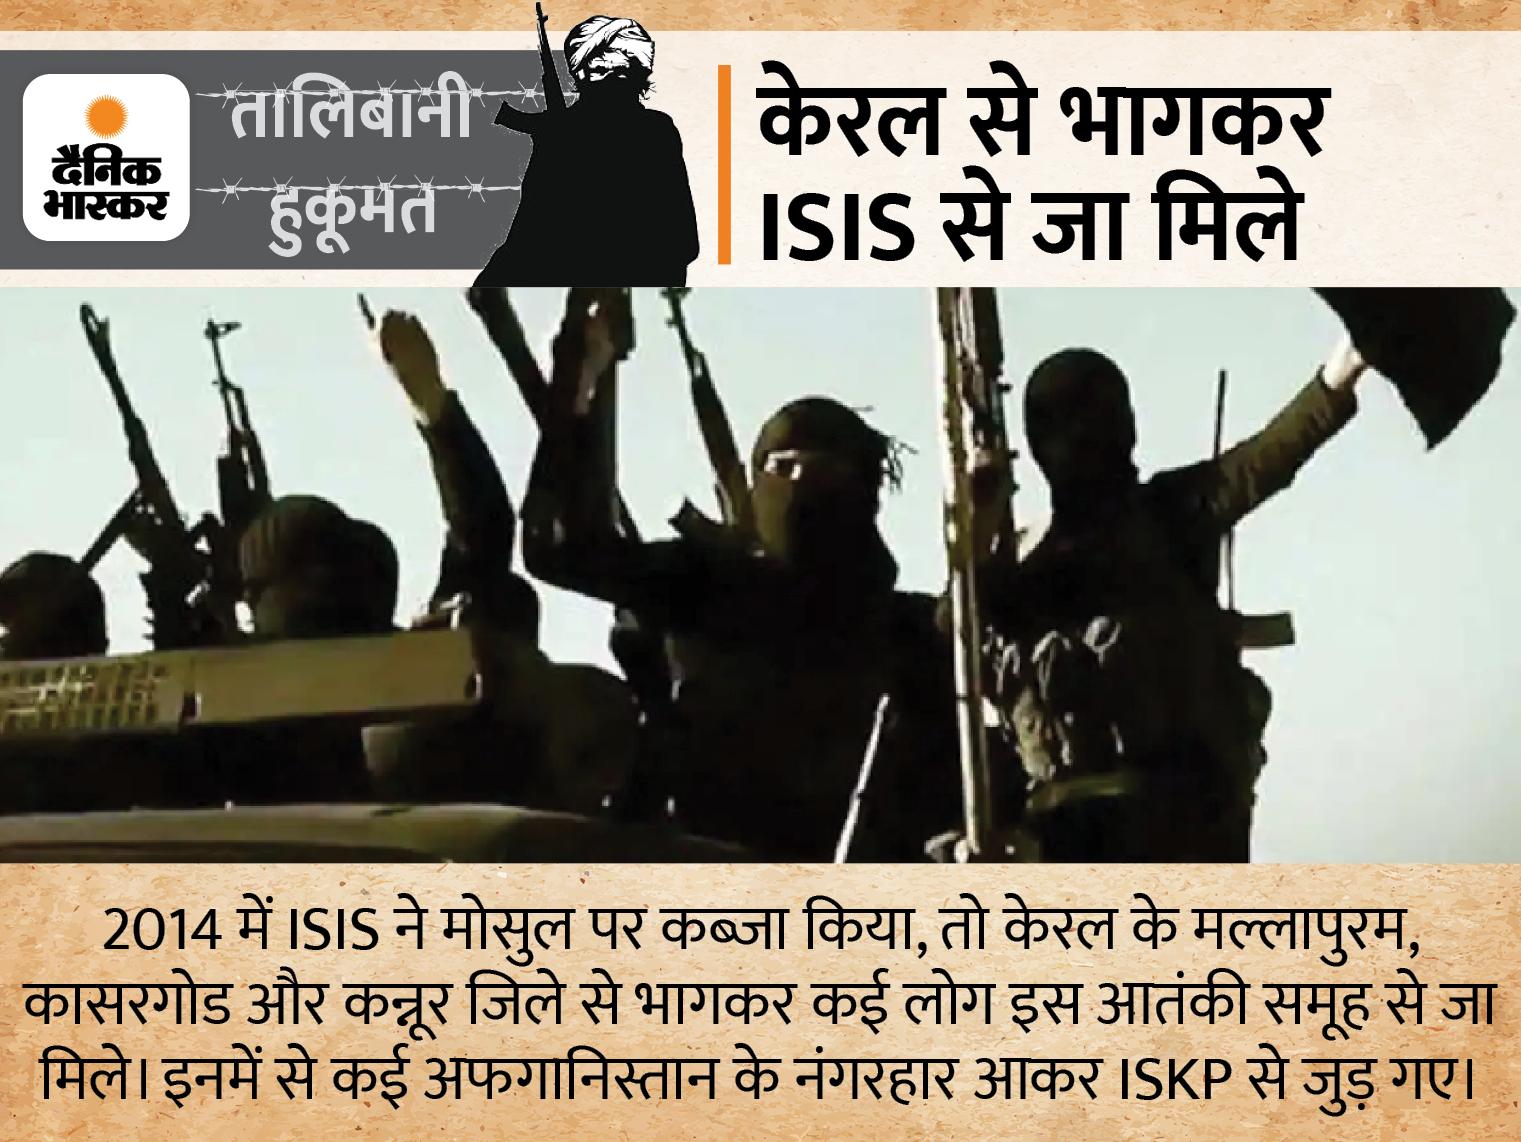 केरल के 14 लोग काबुल हमले के गुनाहगार खुरासान आतंकी समूह से जुड़े, तालिबान ने इन्हें अफगानी जेल से आजाद किया था|विदेश,International - Dainik Bhaskar